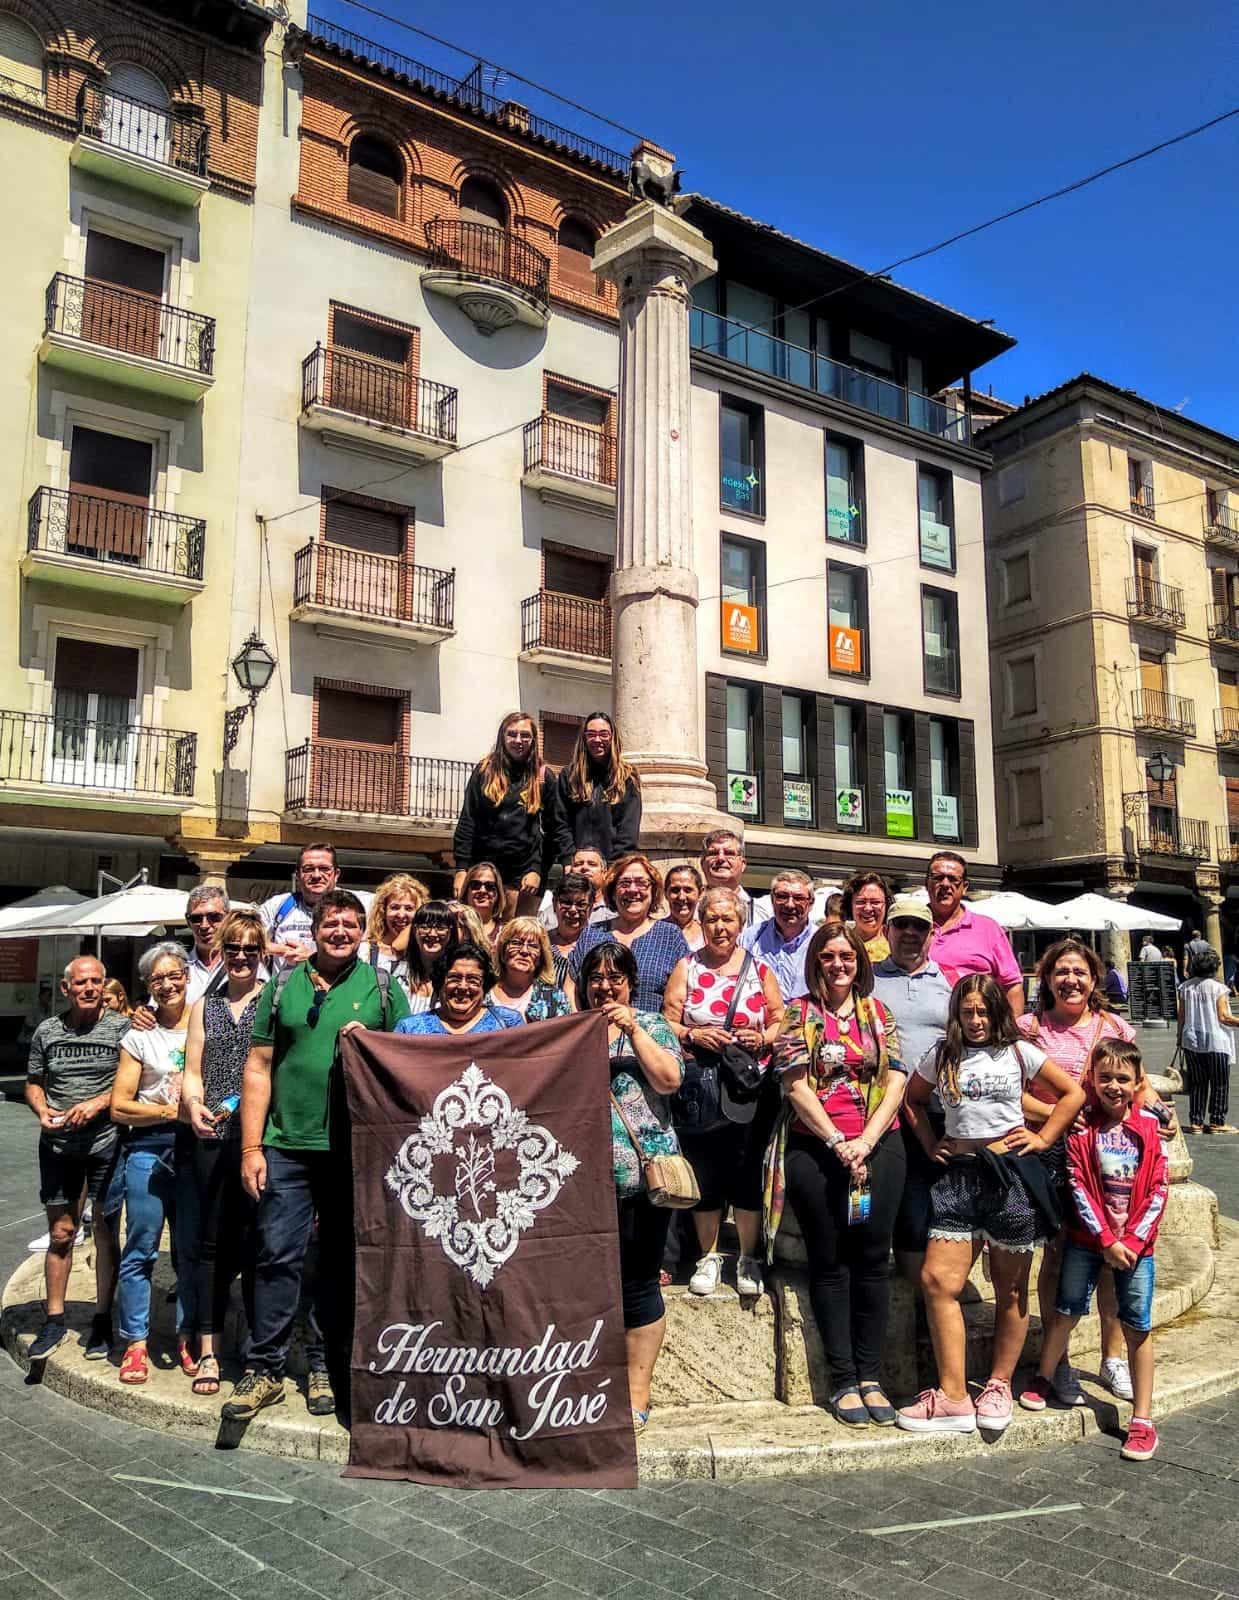 Viaje a Teruel de la Hermandad de San Jose de Herencia12 - La hermandad de San José realizó una visita cultural a Teruel